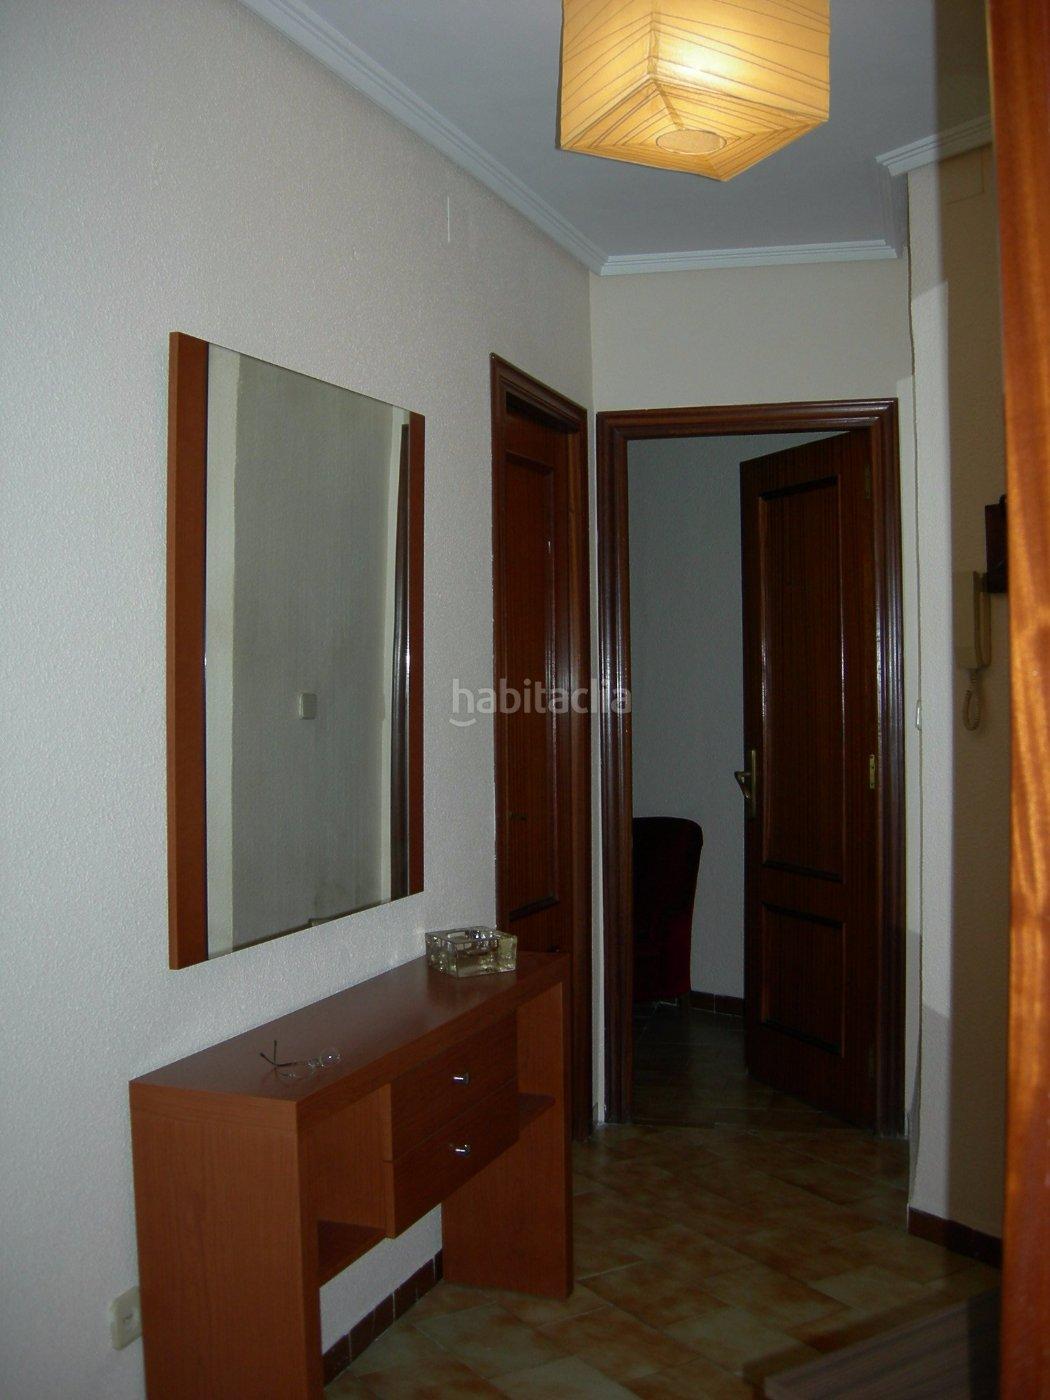 Alquiler piso por 500 en calle doctor rodriguez fornos for Alquiler pisos a valenza